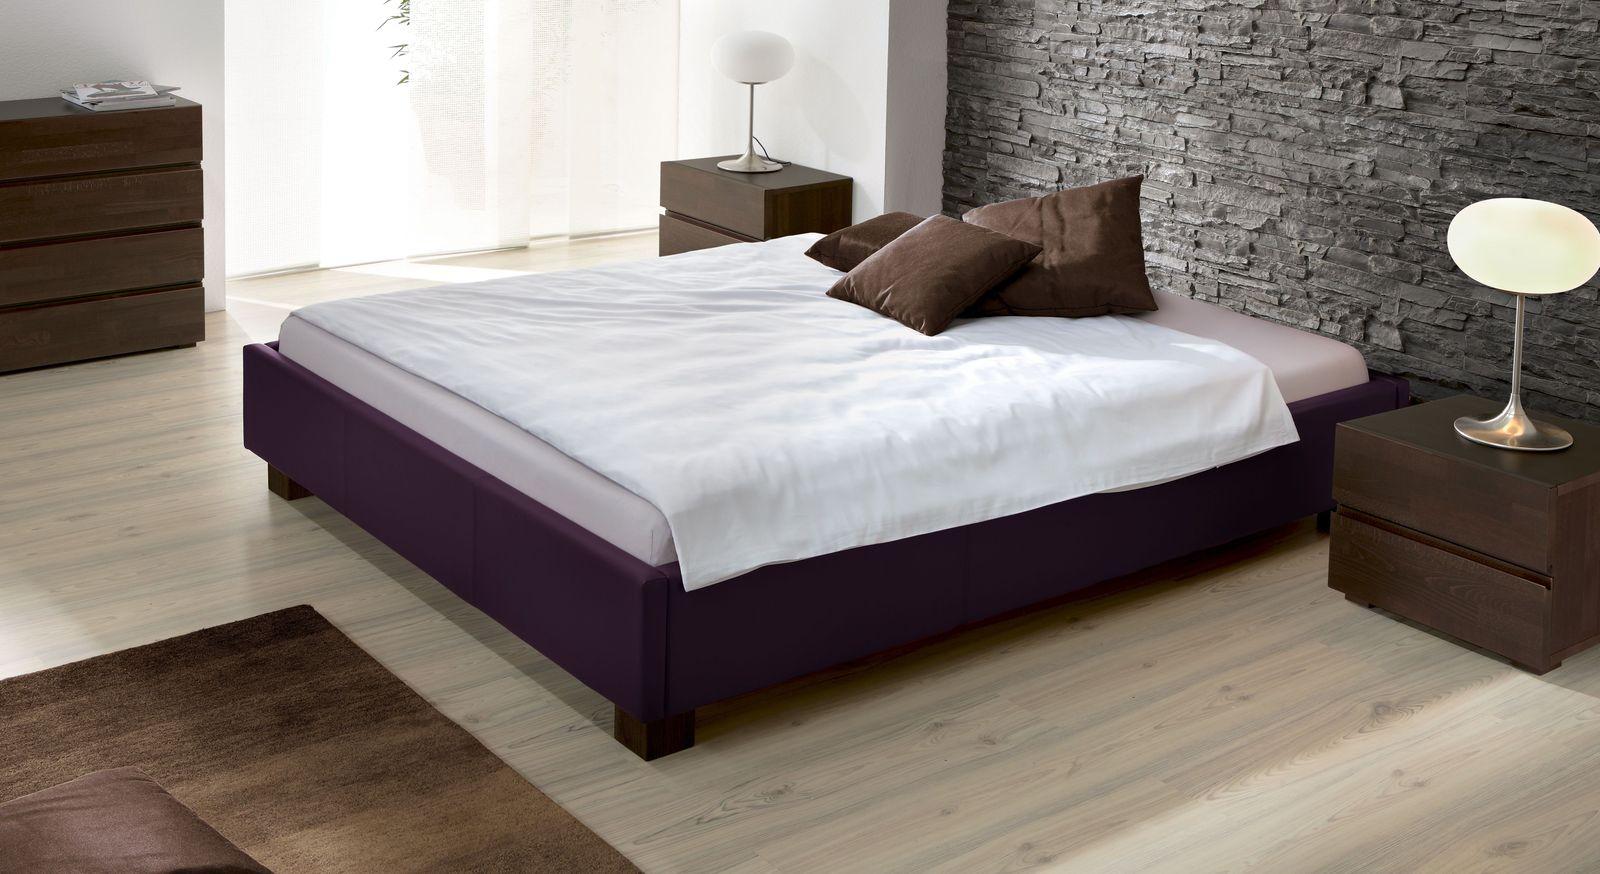 Polster-Liege Amore aus violettem Kunstleder